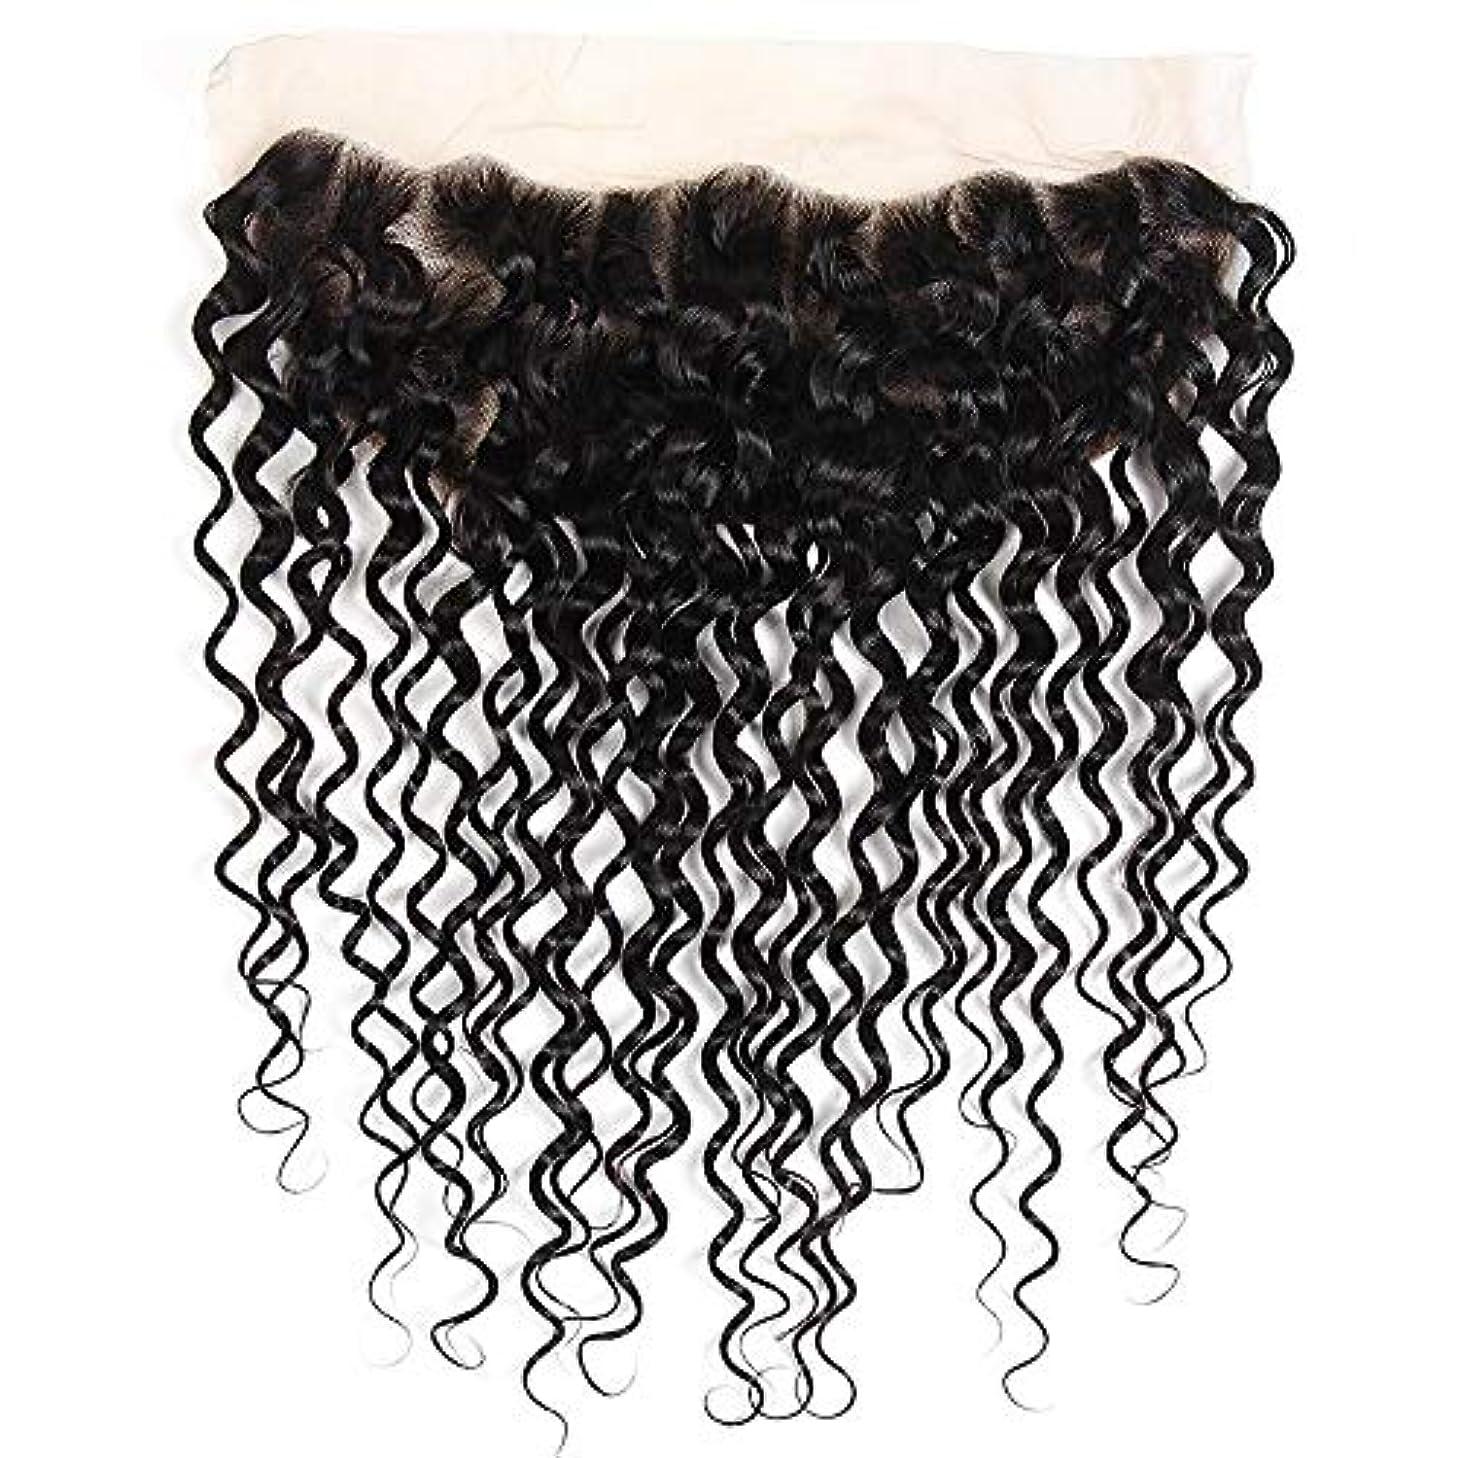 器官リーフレット質素なMayalina ブラジルの水の波レミー人間の髪の毛13 * 4インチレース前頭閉鎖用女性8インチ-20インチショートカーリーウィッグ (色 : 黒, サイズ : 14inch)